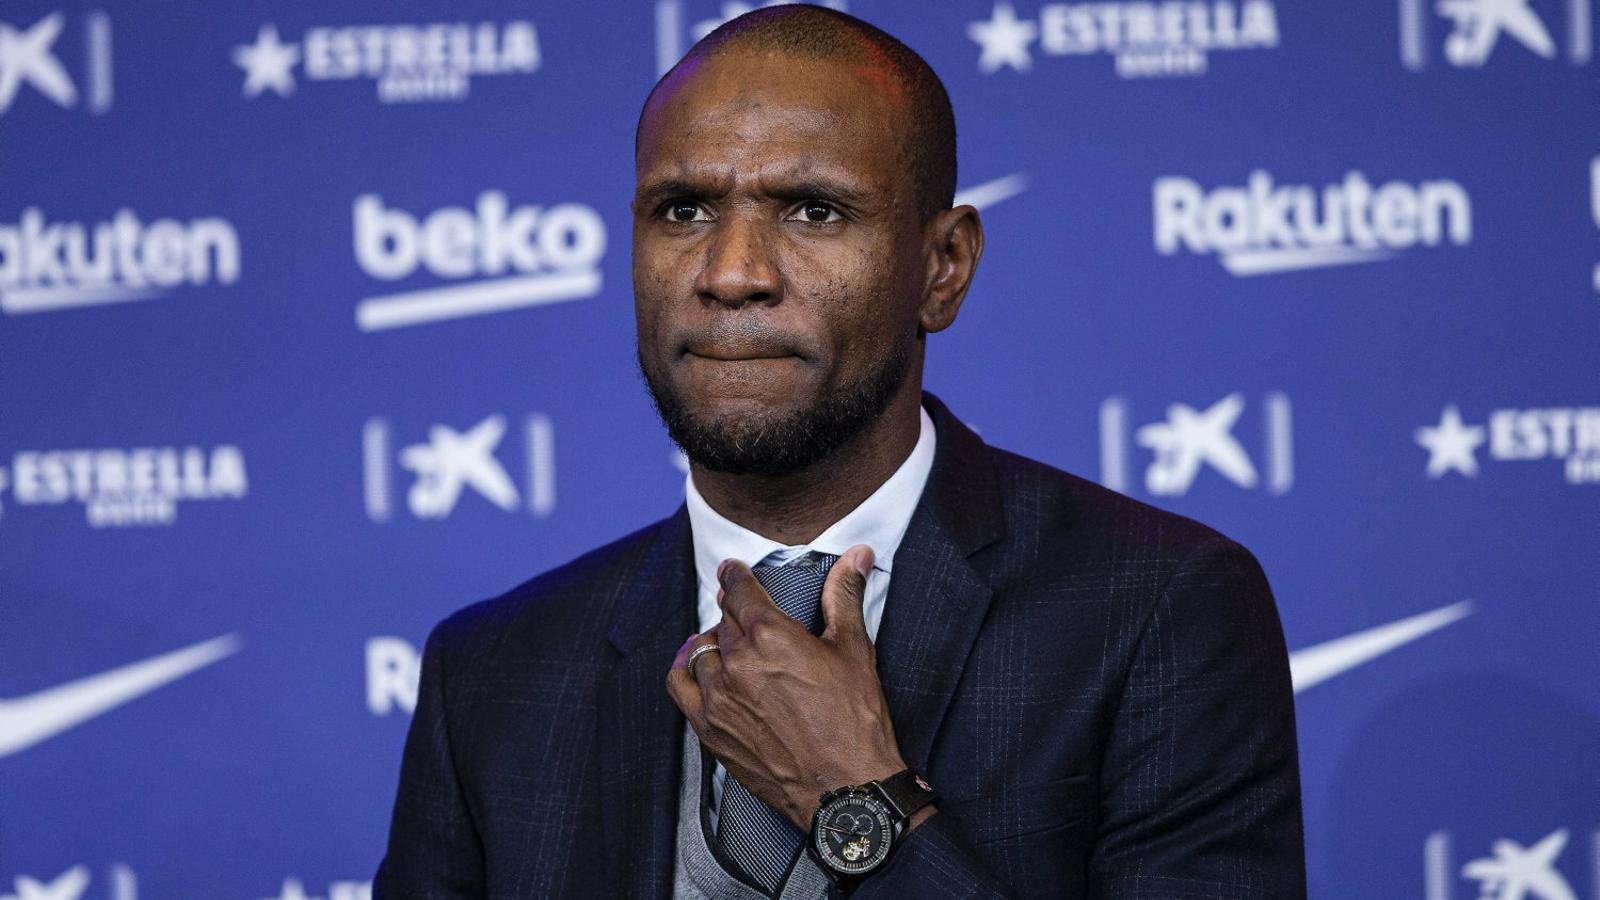 El Barça acomiada Éric Abidal 24 hores després de fer fora Setién